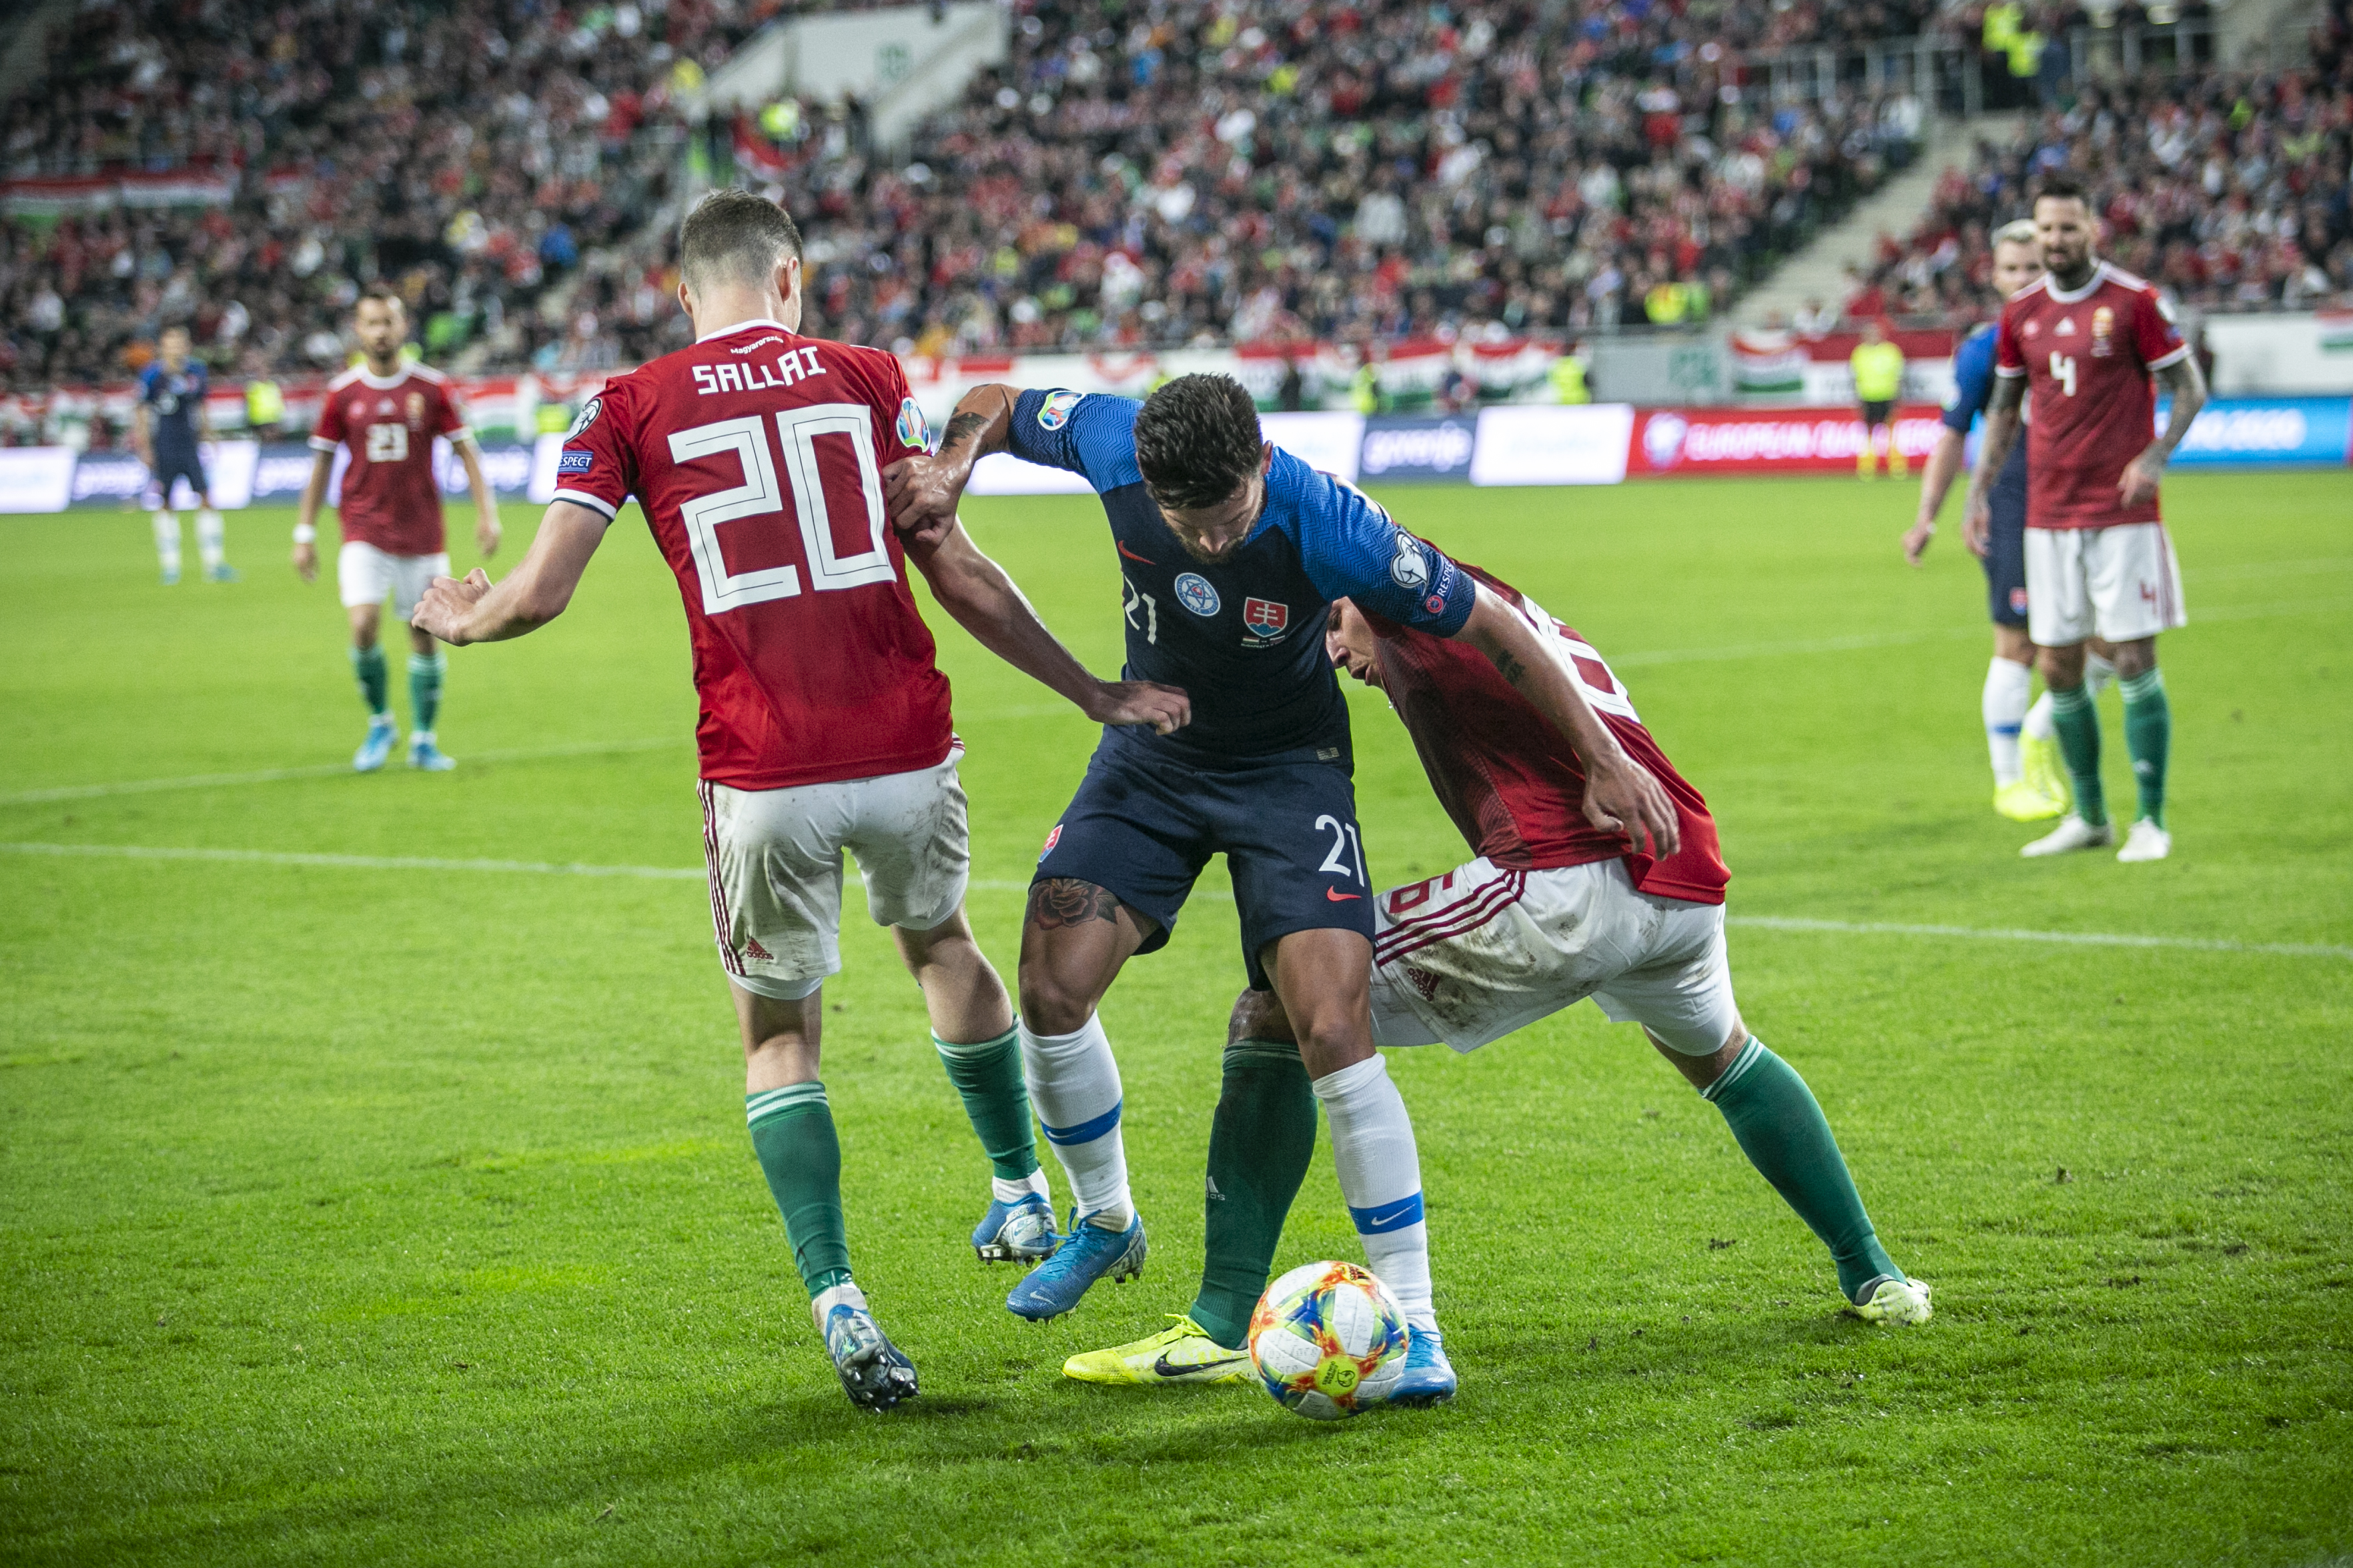 UEFA elnök: Ahol nincsenek nézők, ott nem lesz Eb-meccs